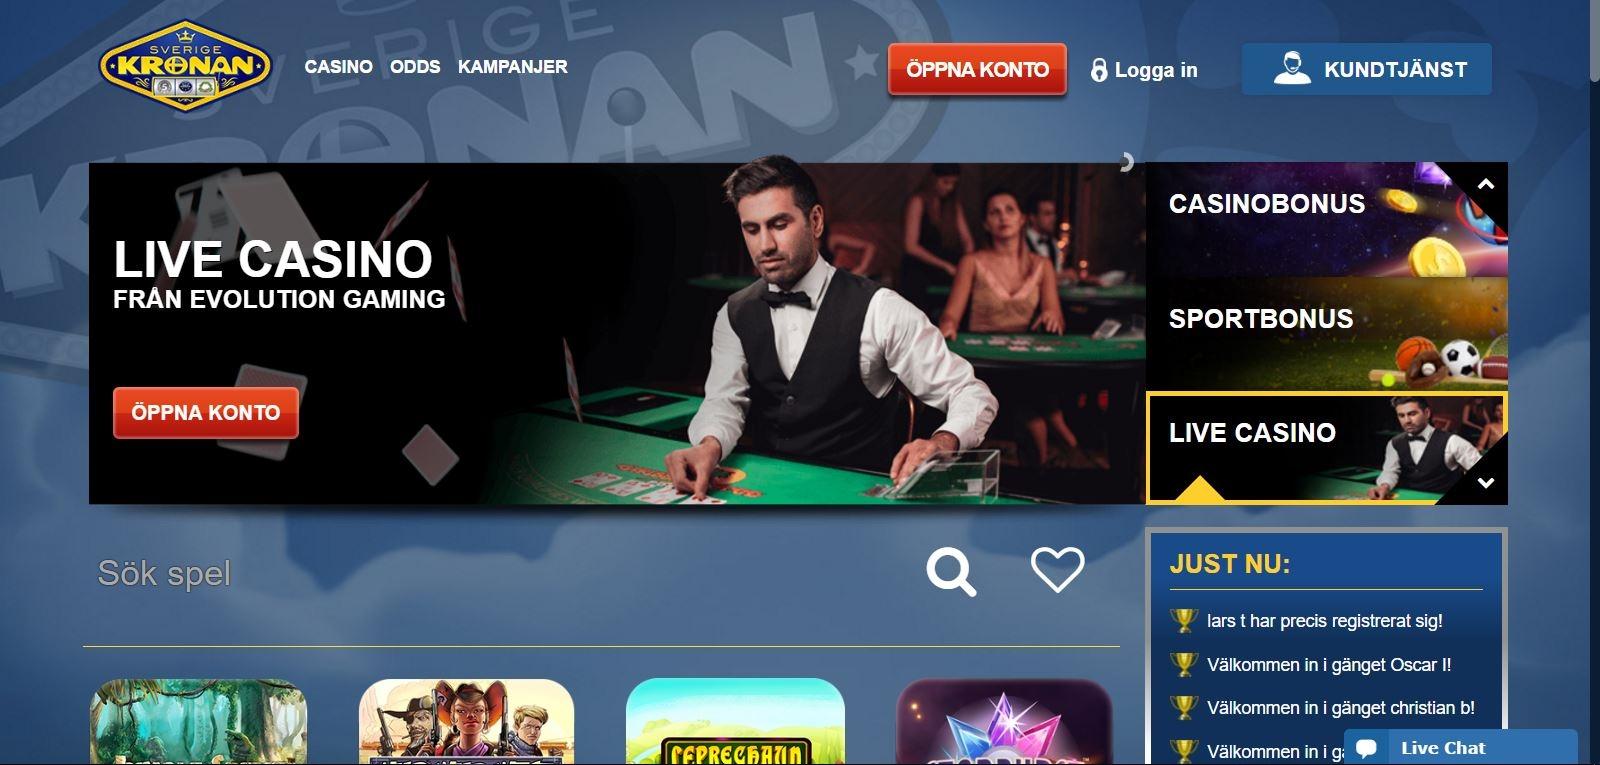 $720 No deposit bonus at Party Casino